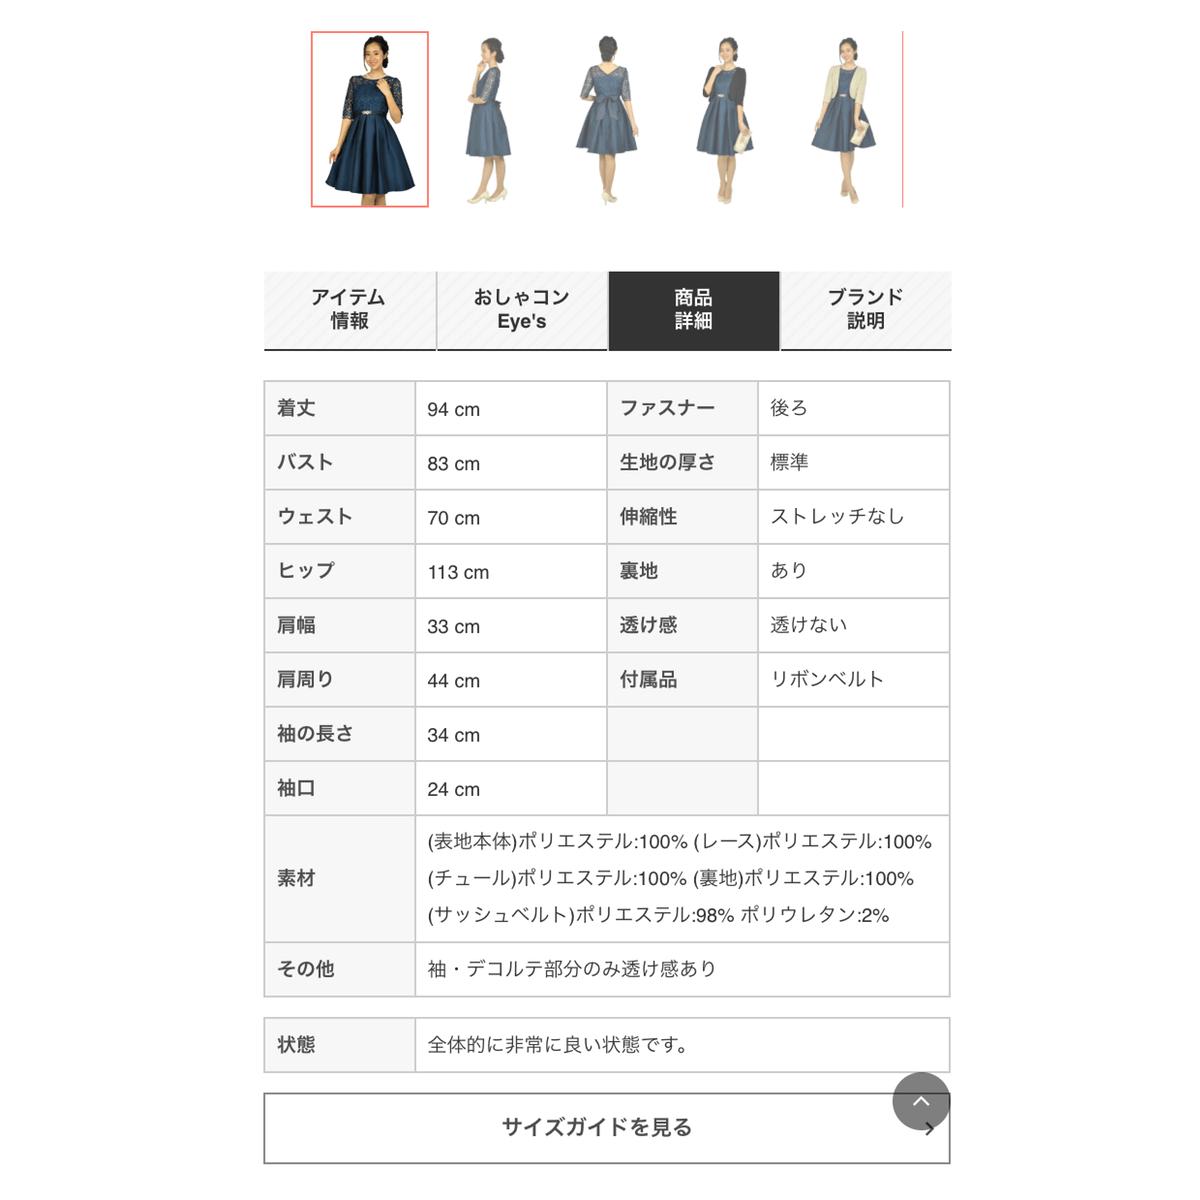 サイズは商品ページの「商品詳細」欄に記載